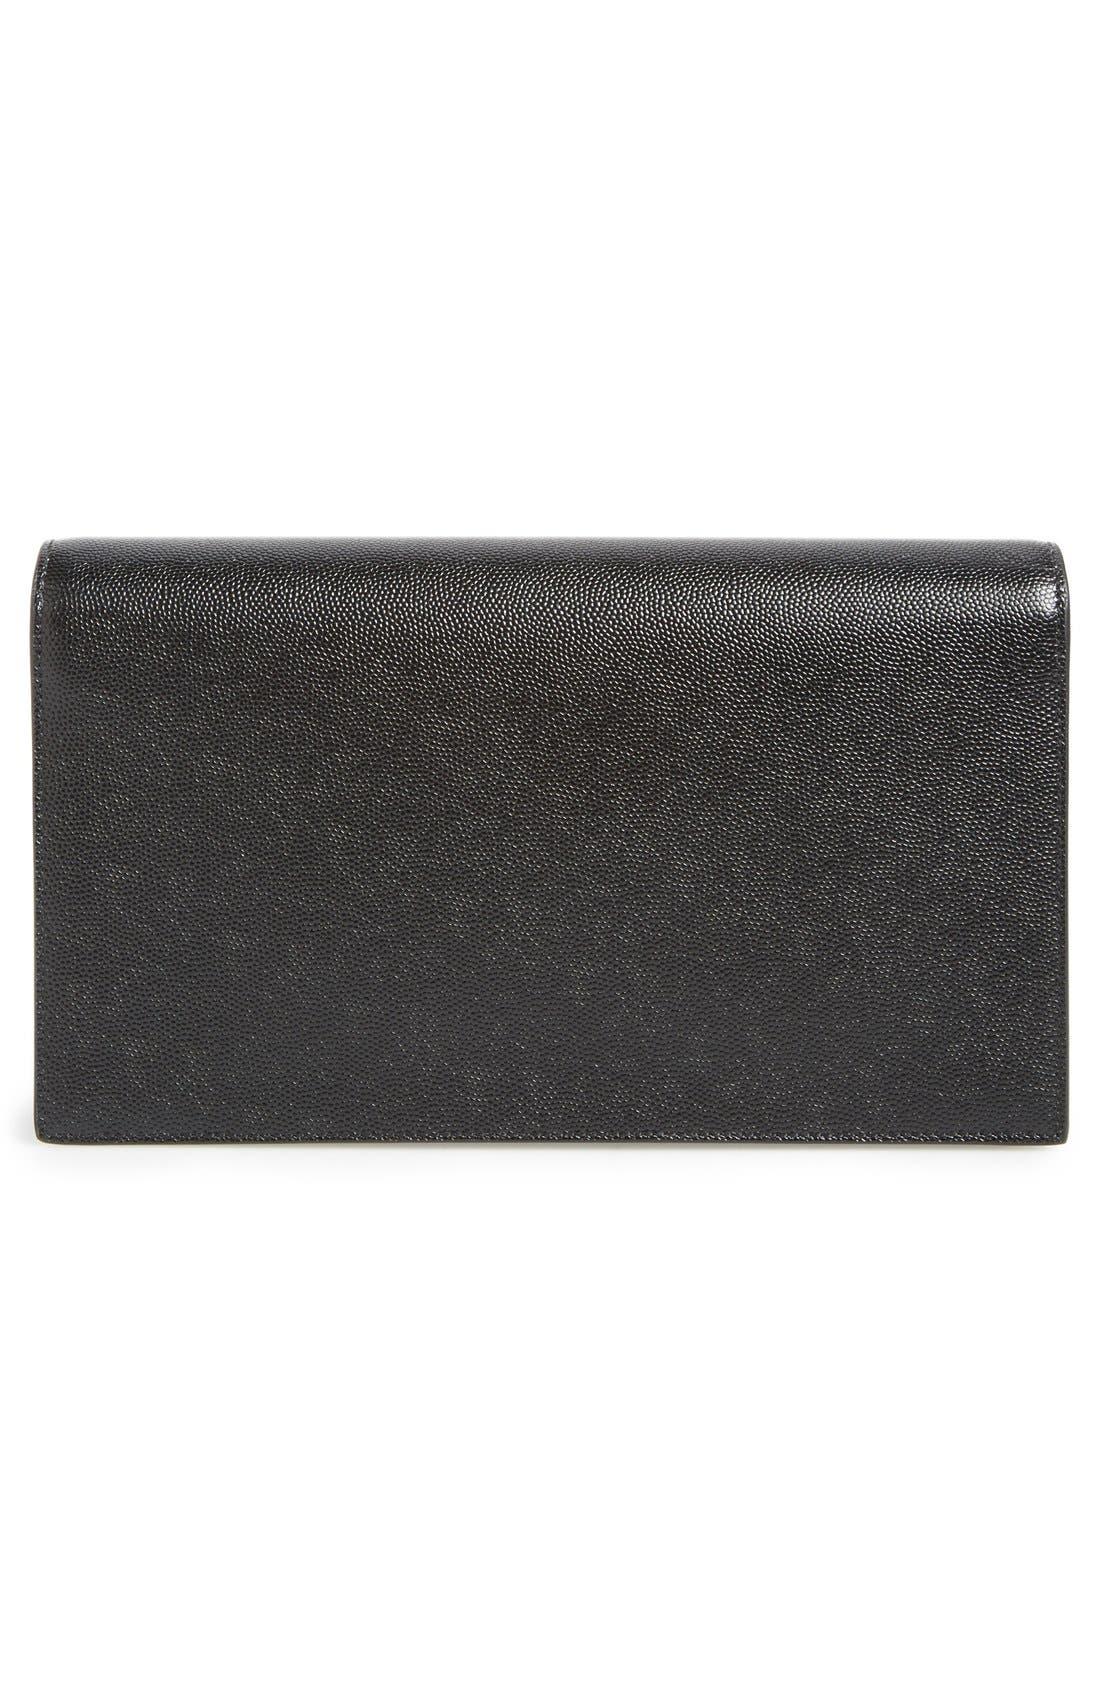 'Monogram' Leather Clutch,                             Alternate thumbnail 3, color,                             Noir